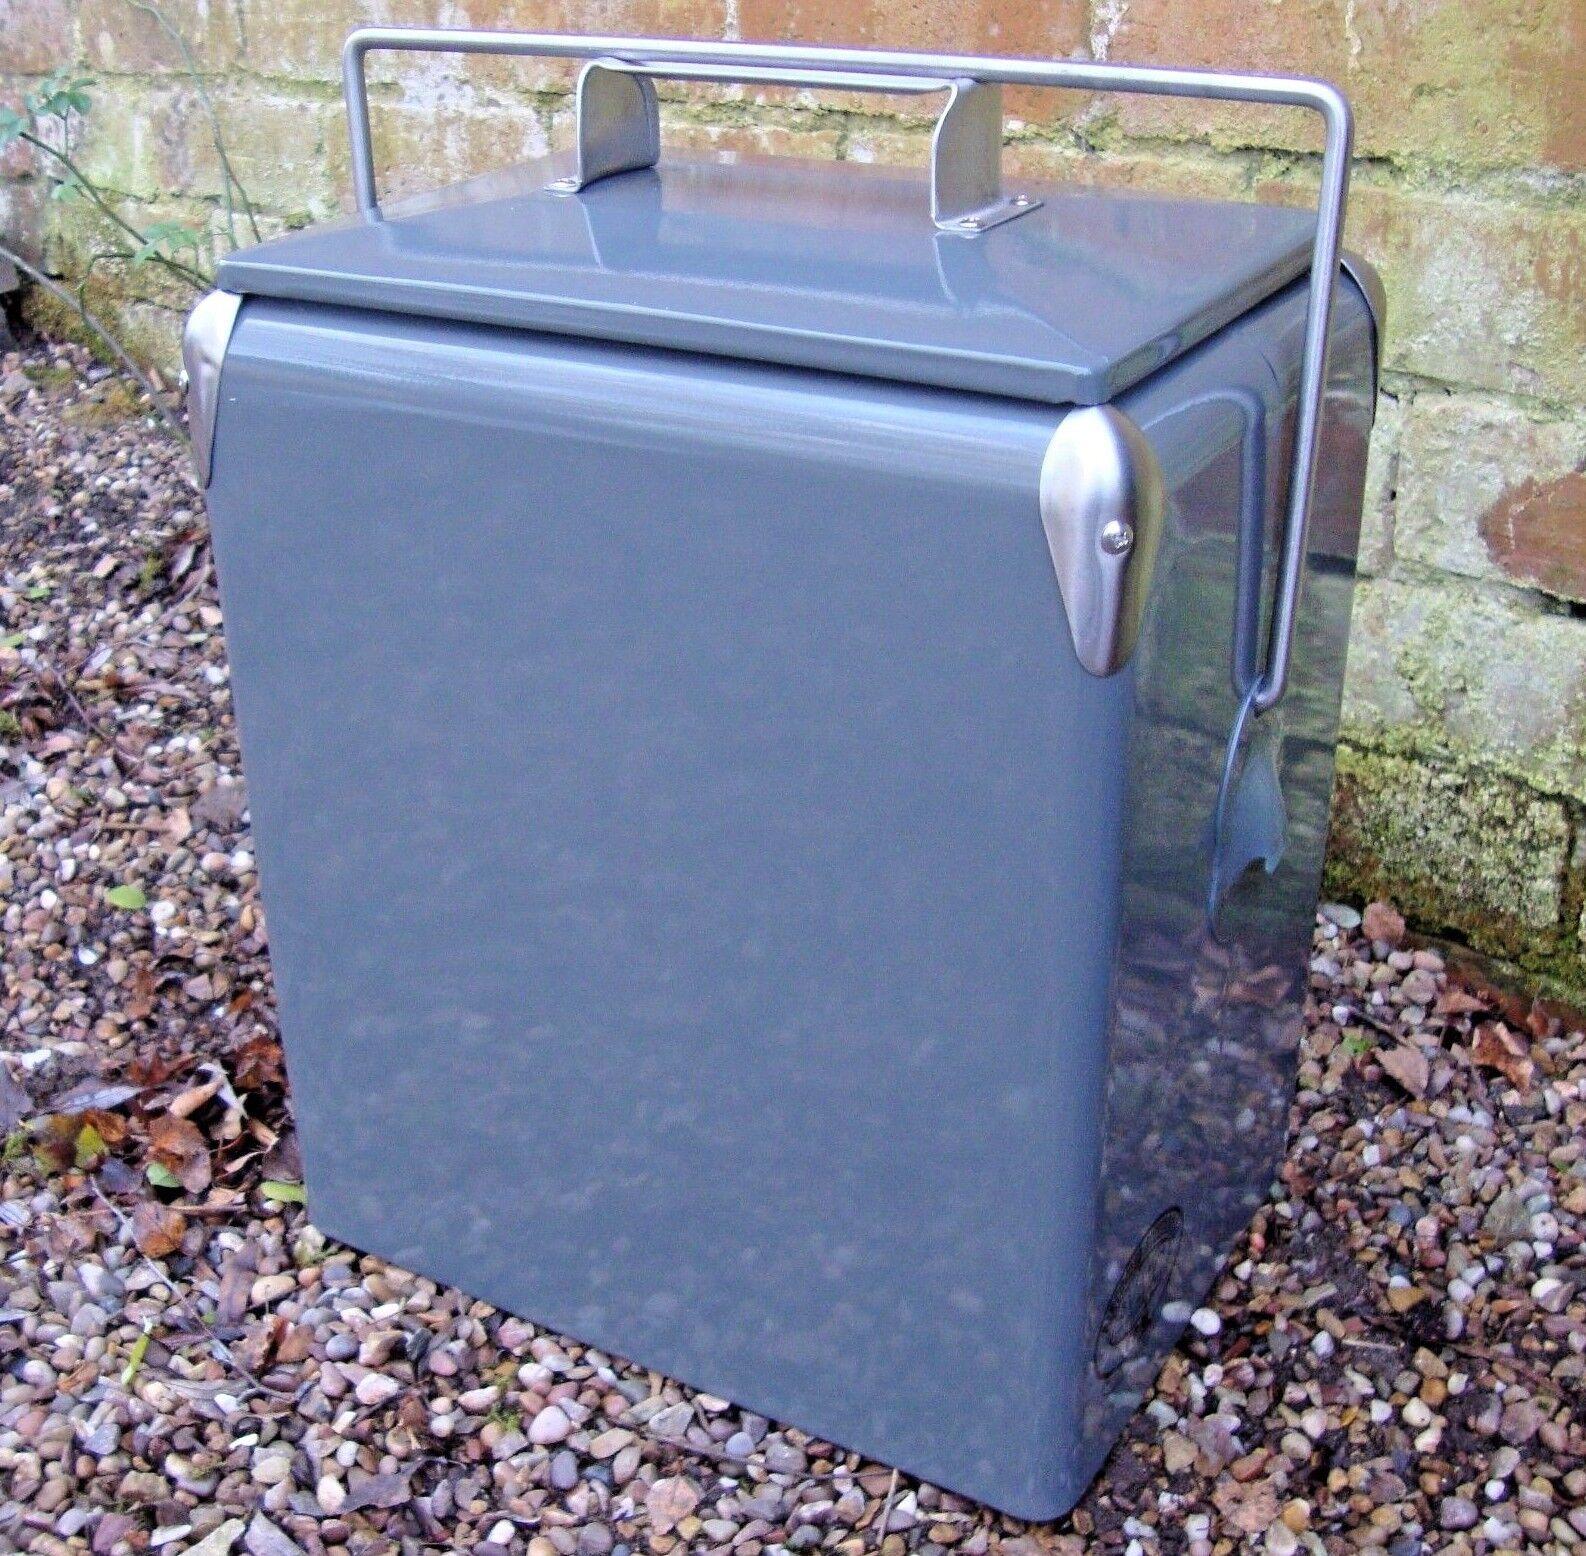 Rétro Frigobox Grigio Refrigeratore 17L Vintage Borsa frigo matrimonio regalo